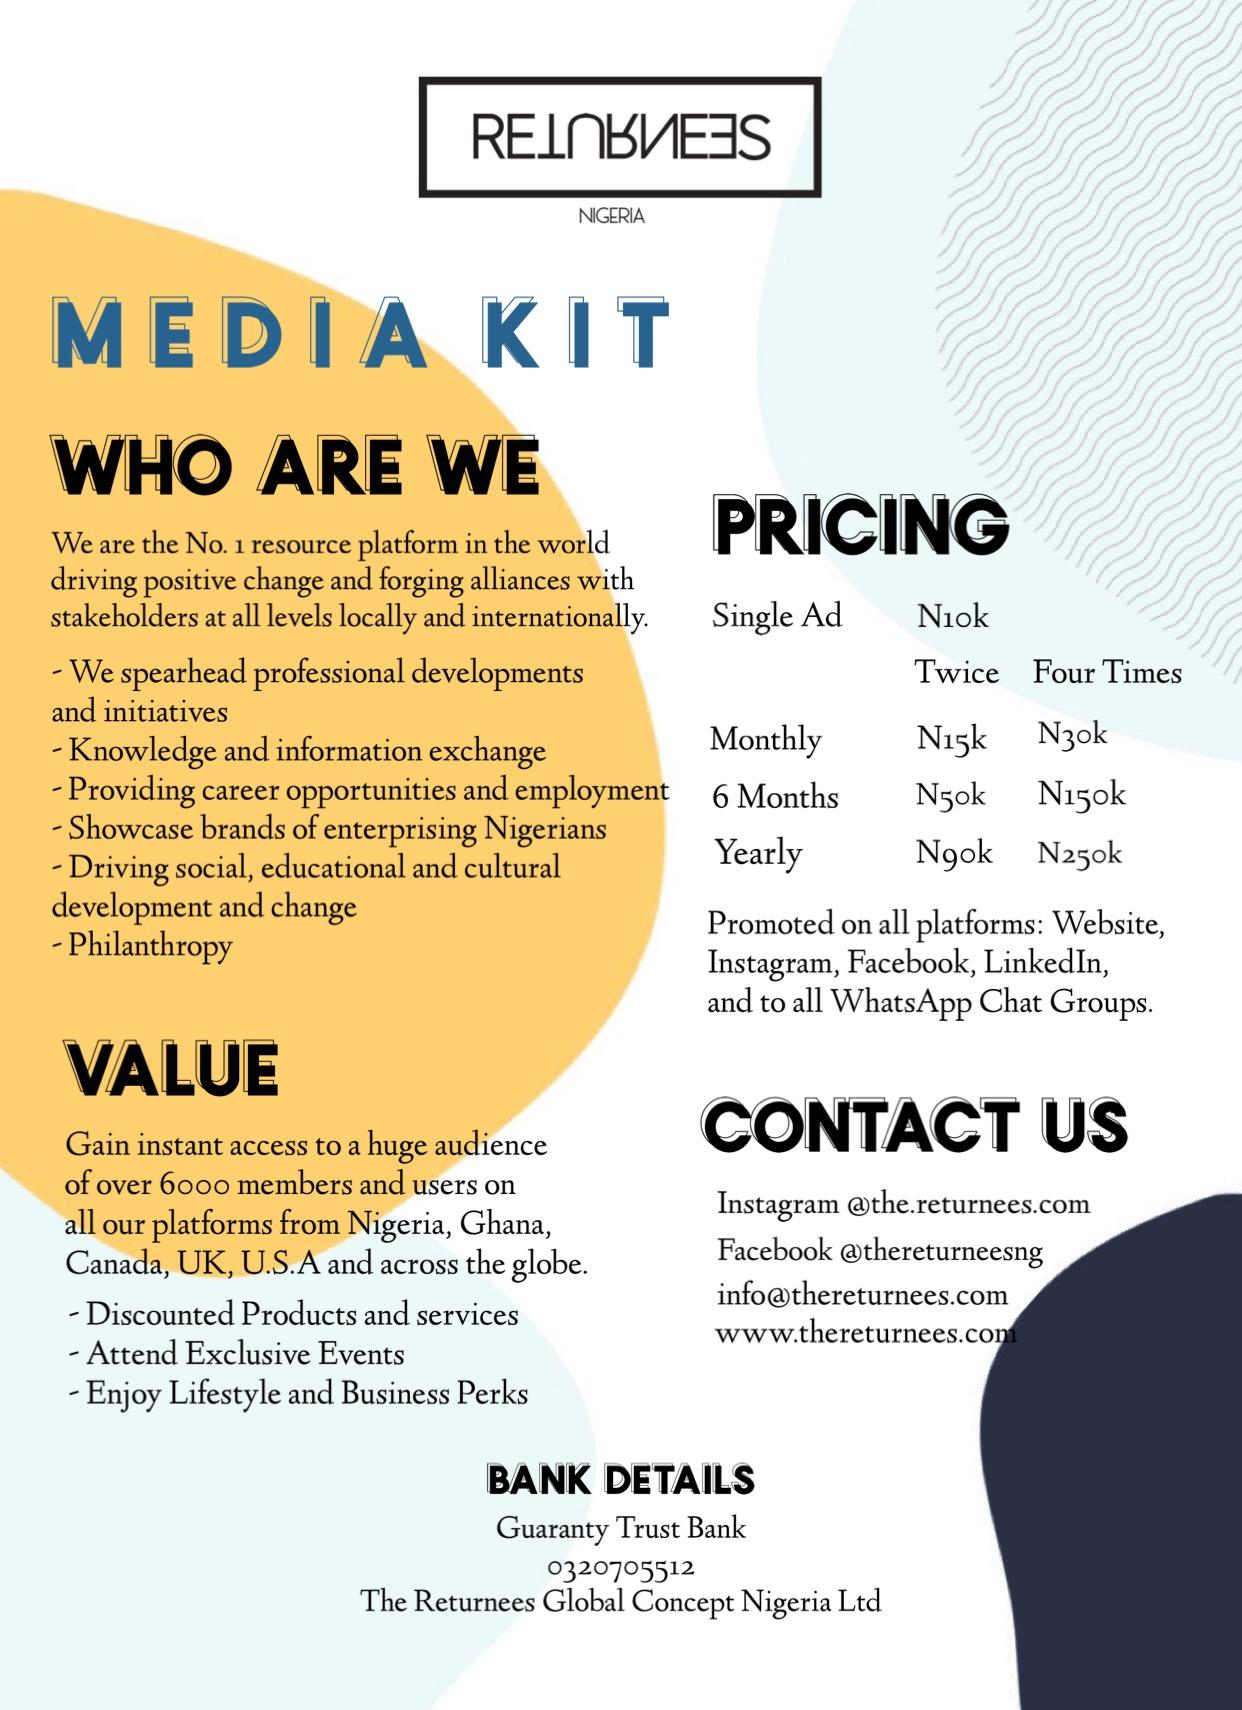 The Returnees Media Kit.jpg